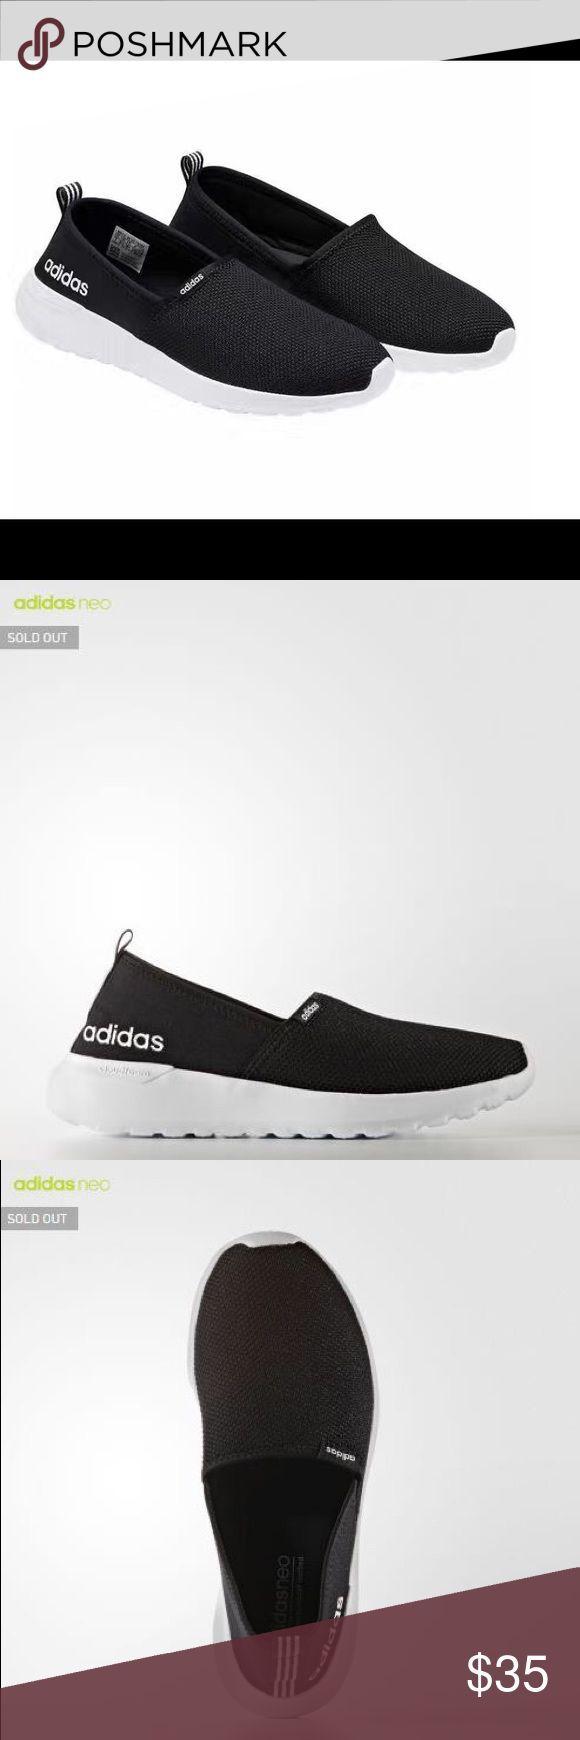 the new adidas yeezy shoes adidas shoes women cloudfoam fashion sneaker